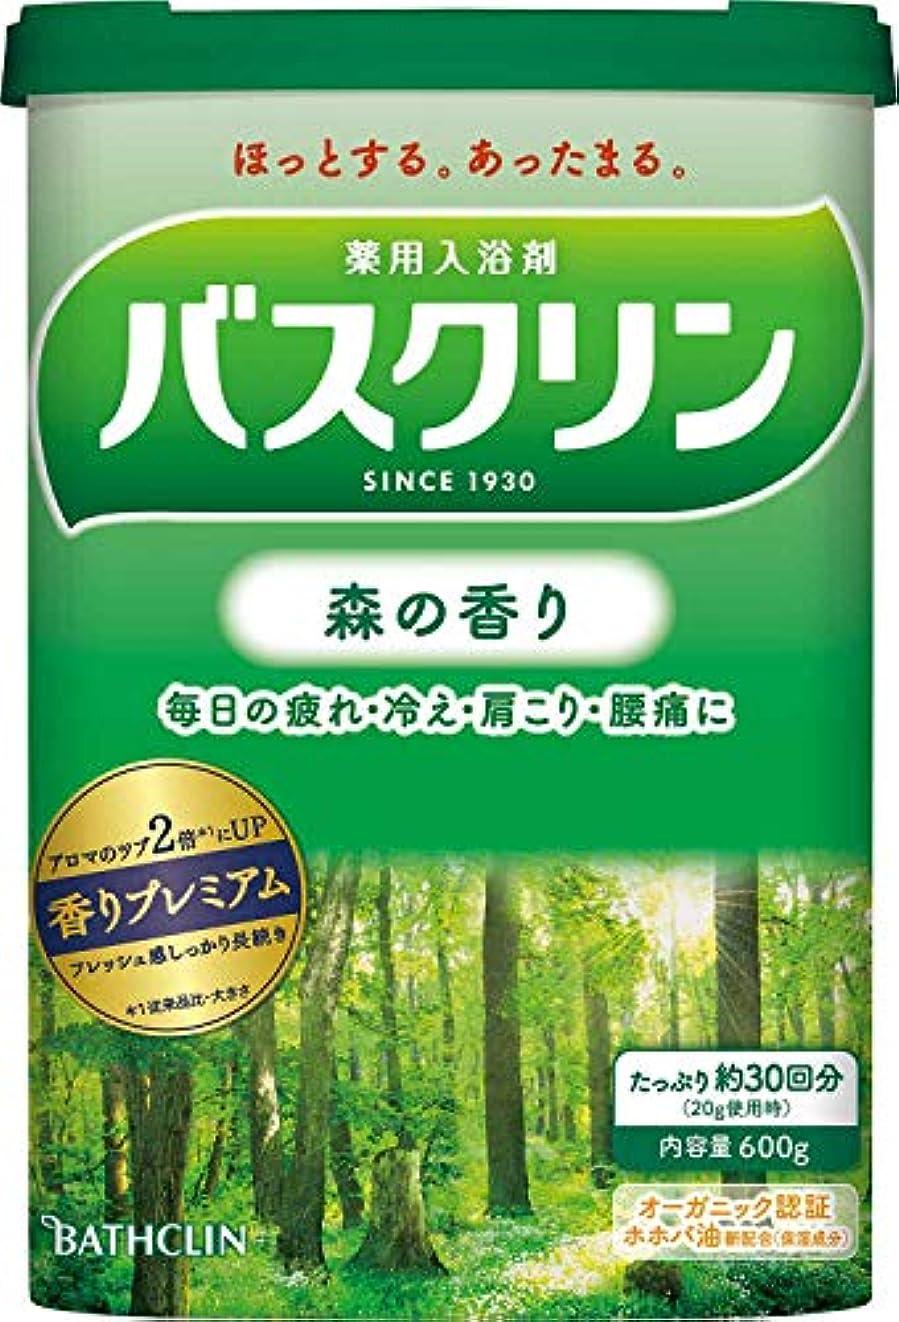 【医薬部外品】バスクリン入浴剤 森の香り600g入浴剤(約30回分) 疲労回復